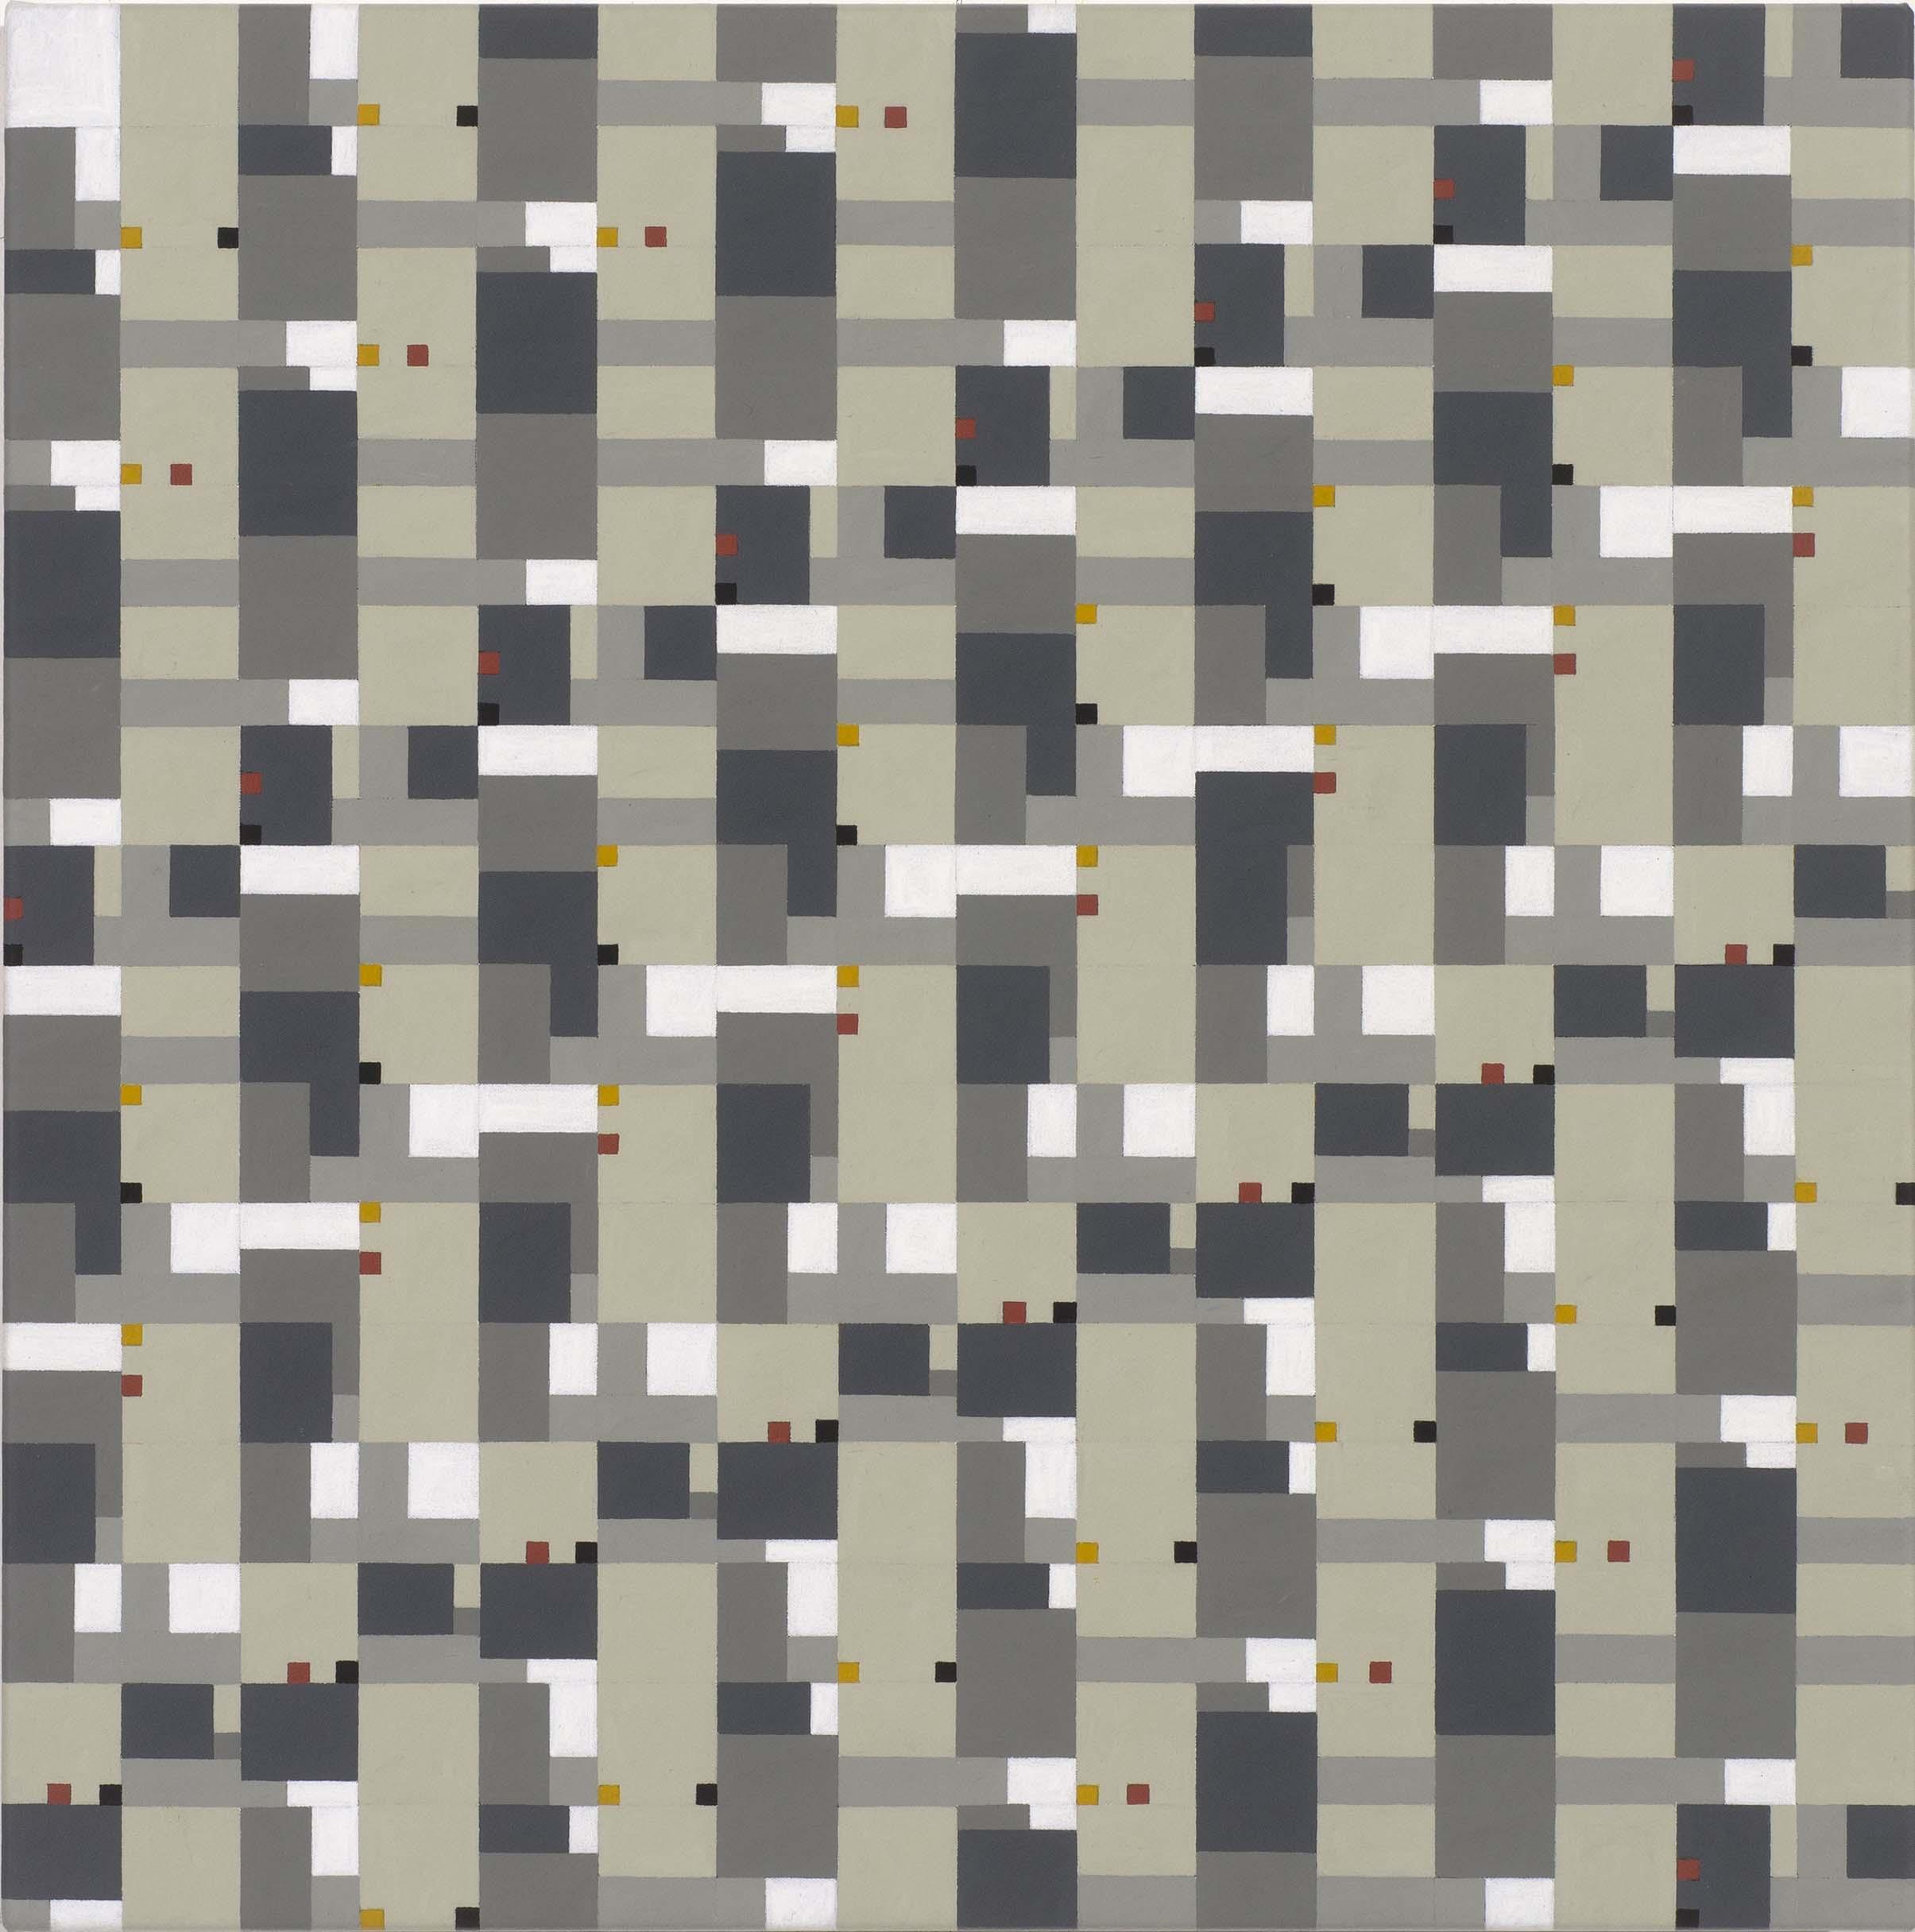 (2,3,5) x 17 Rotations + 2, acrylic on canvas, 41 x 41cm, 2017. $2,750